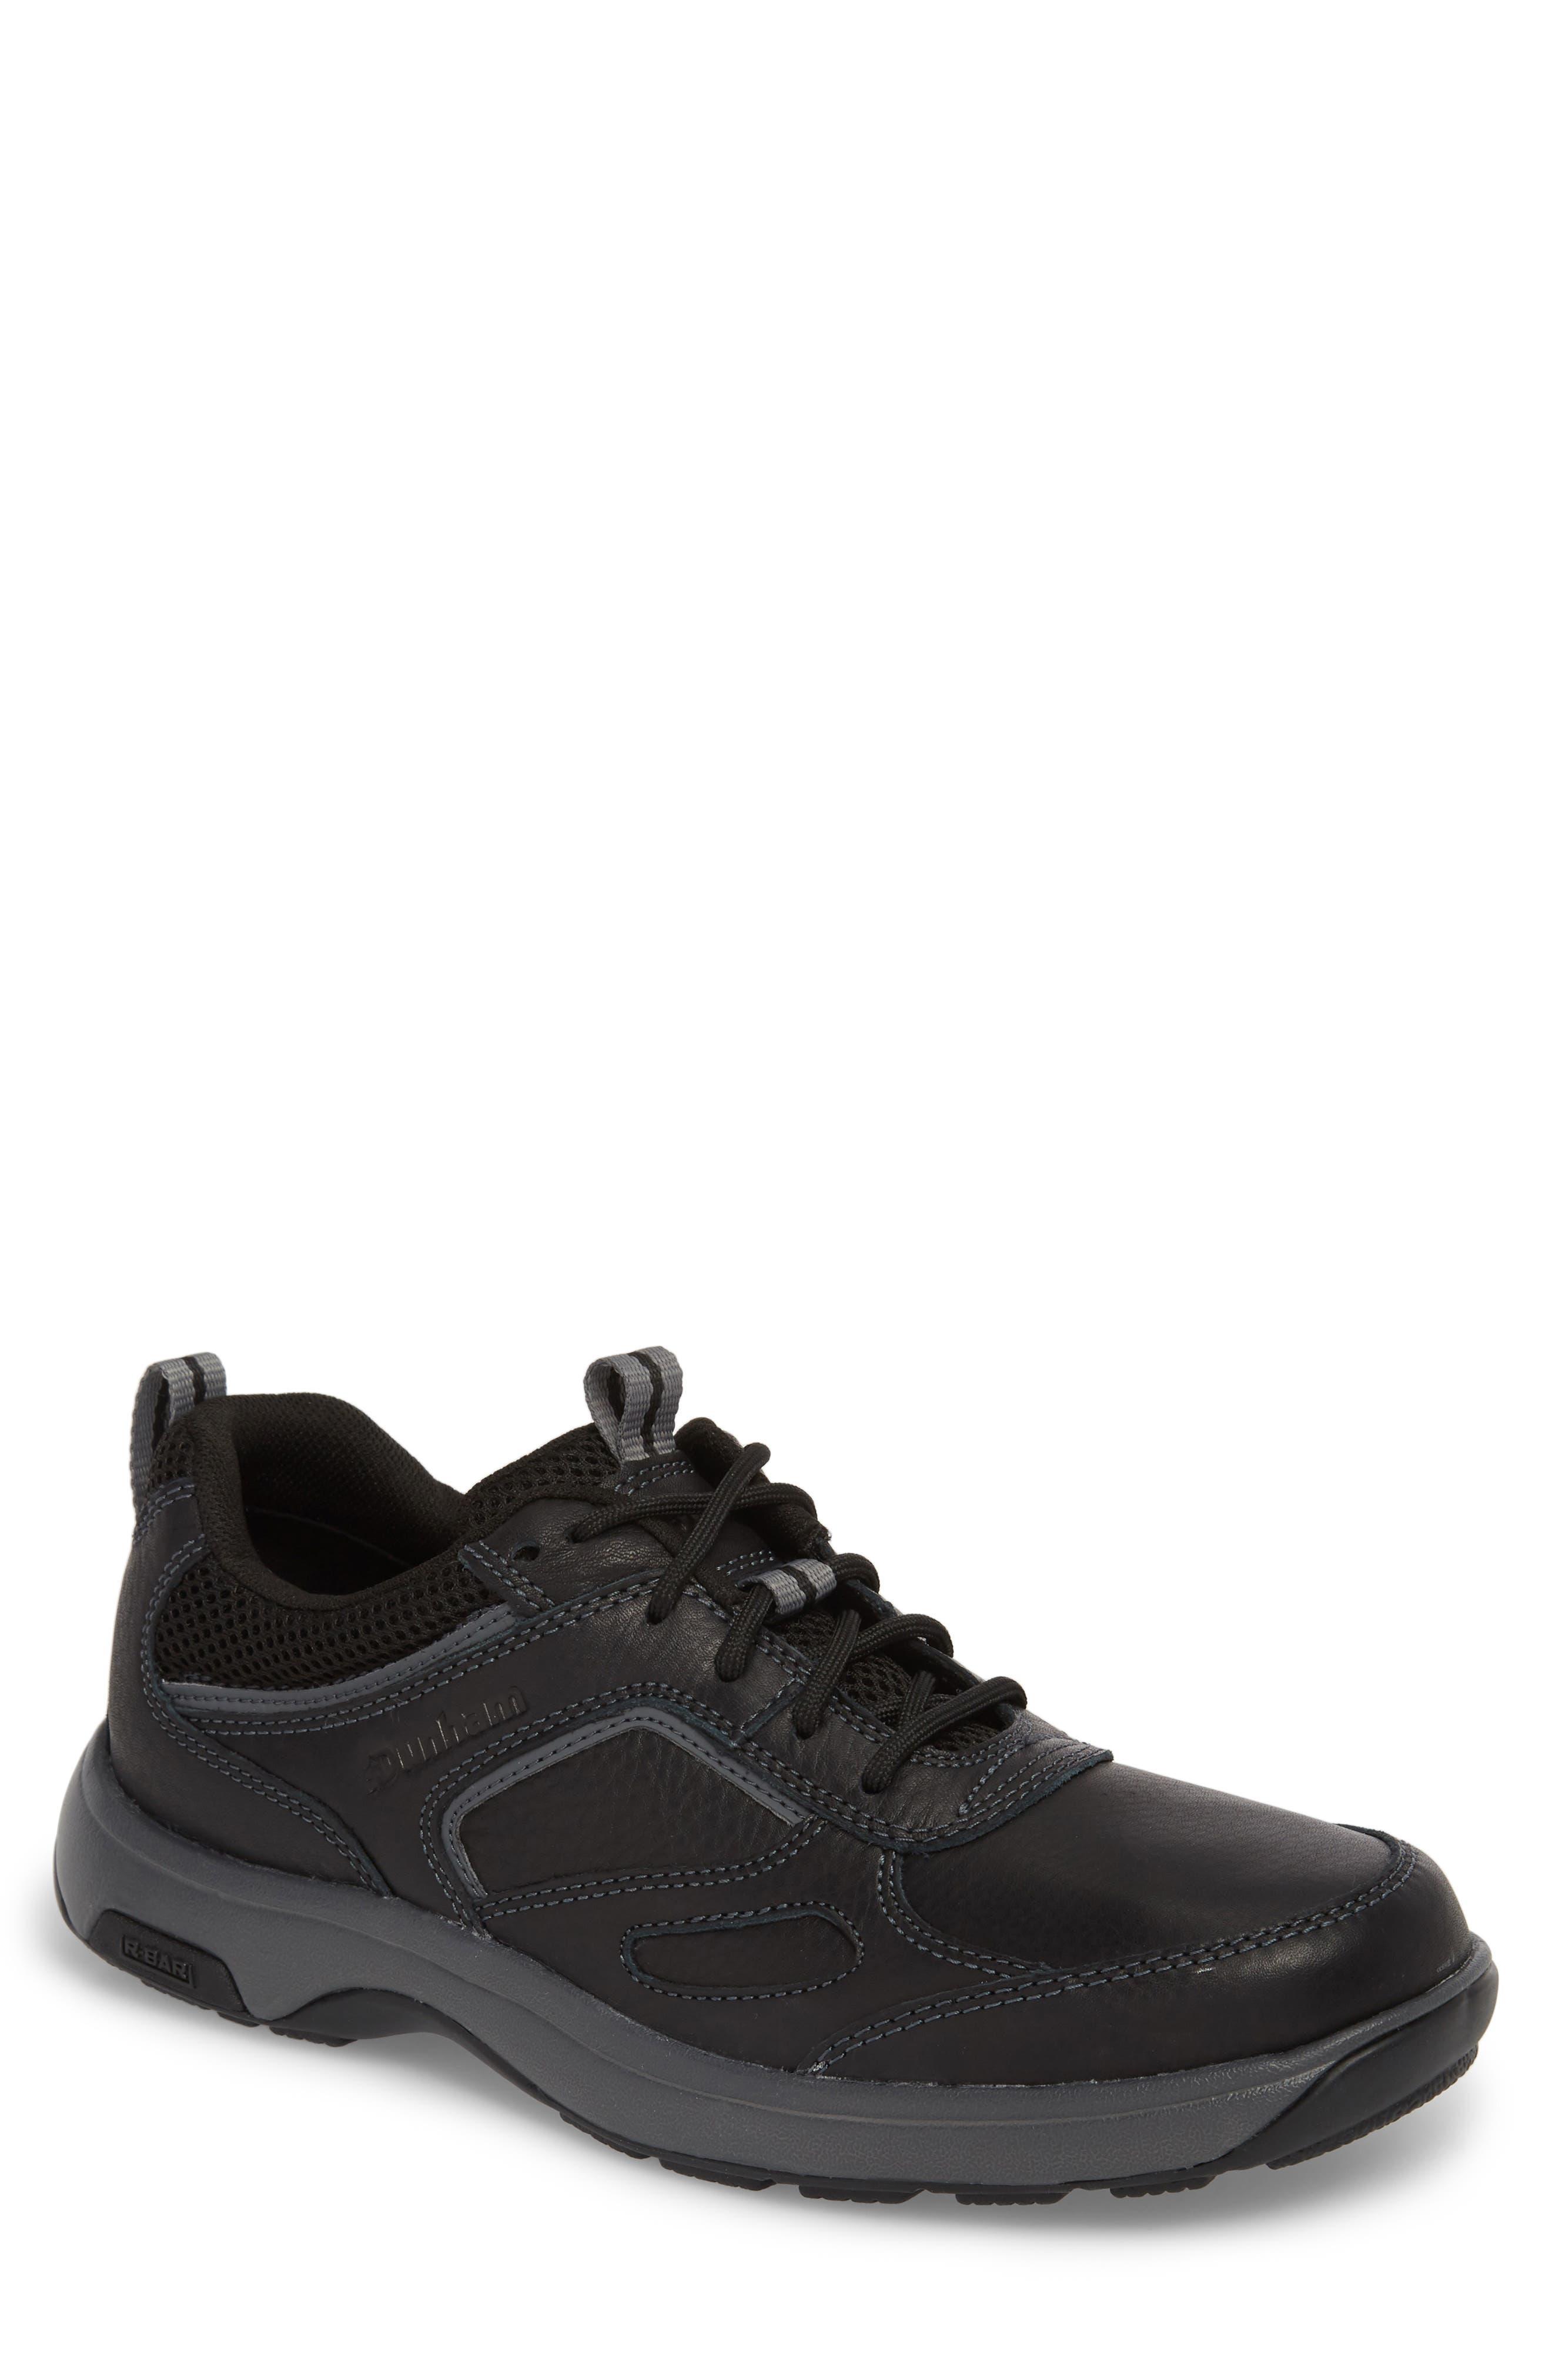 Dunham 8000 Uball Sneaker, 5 EEEEEE - Black